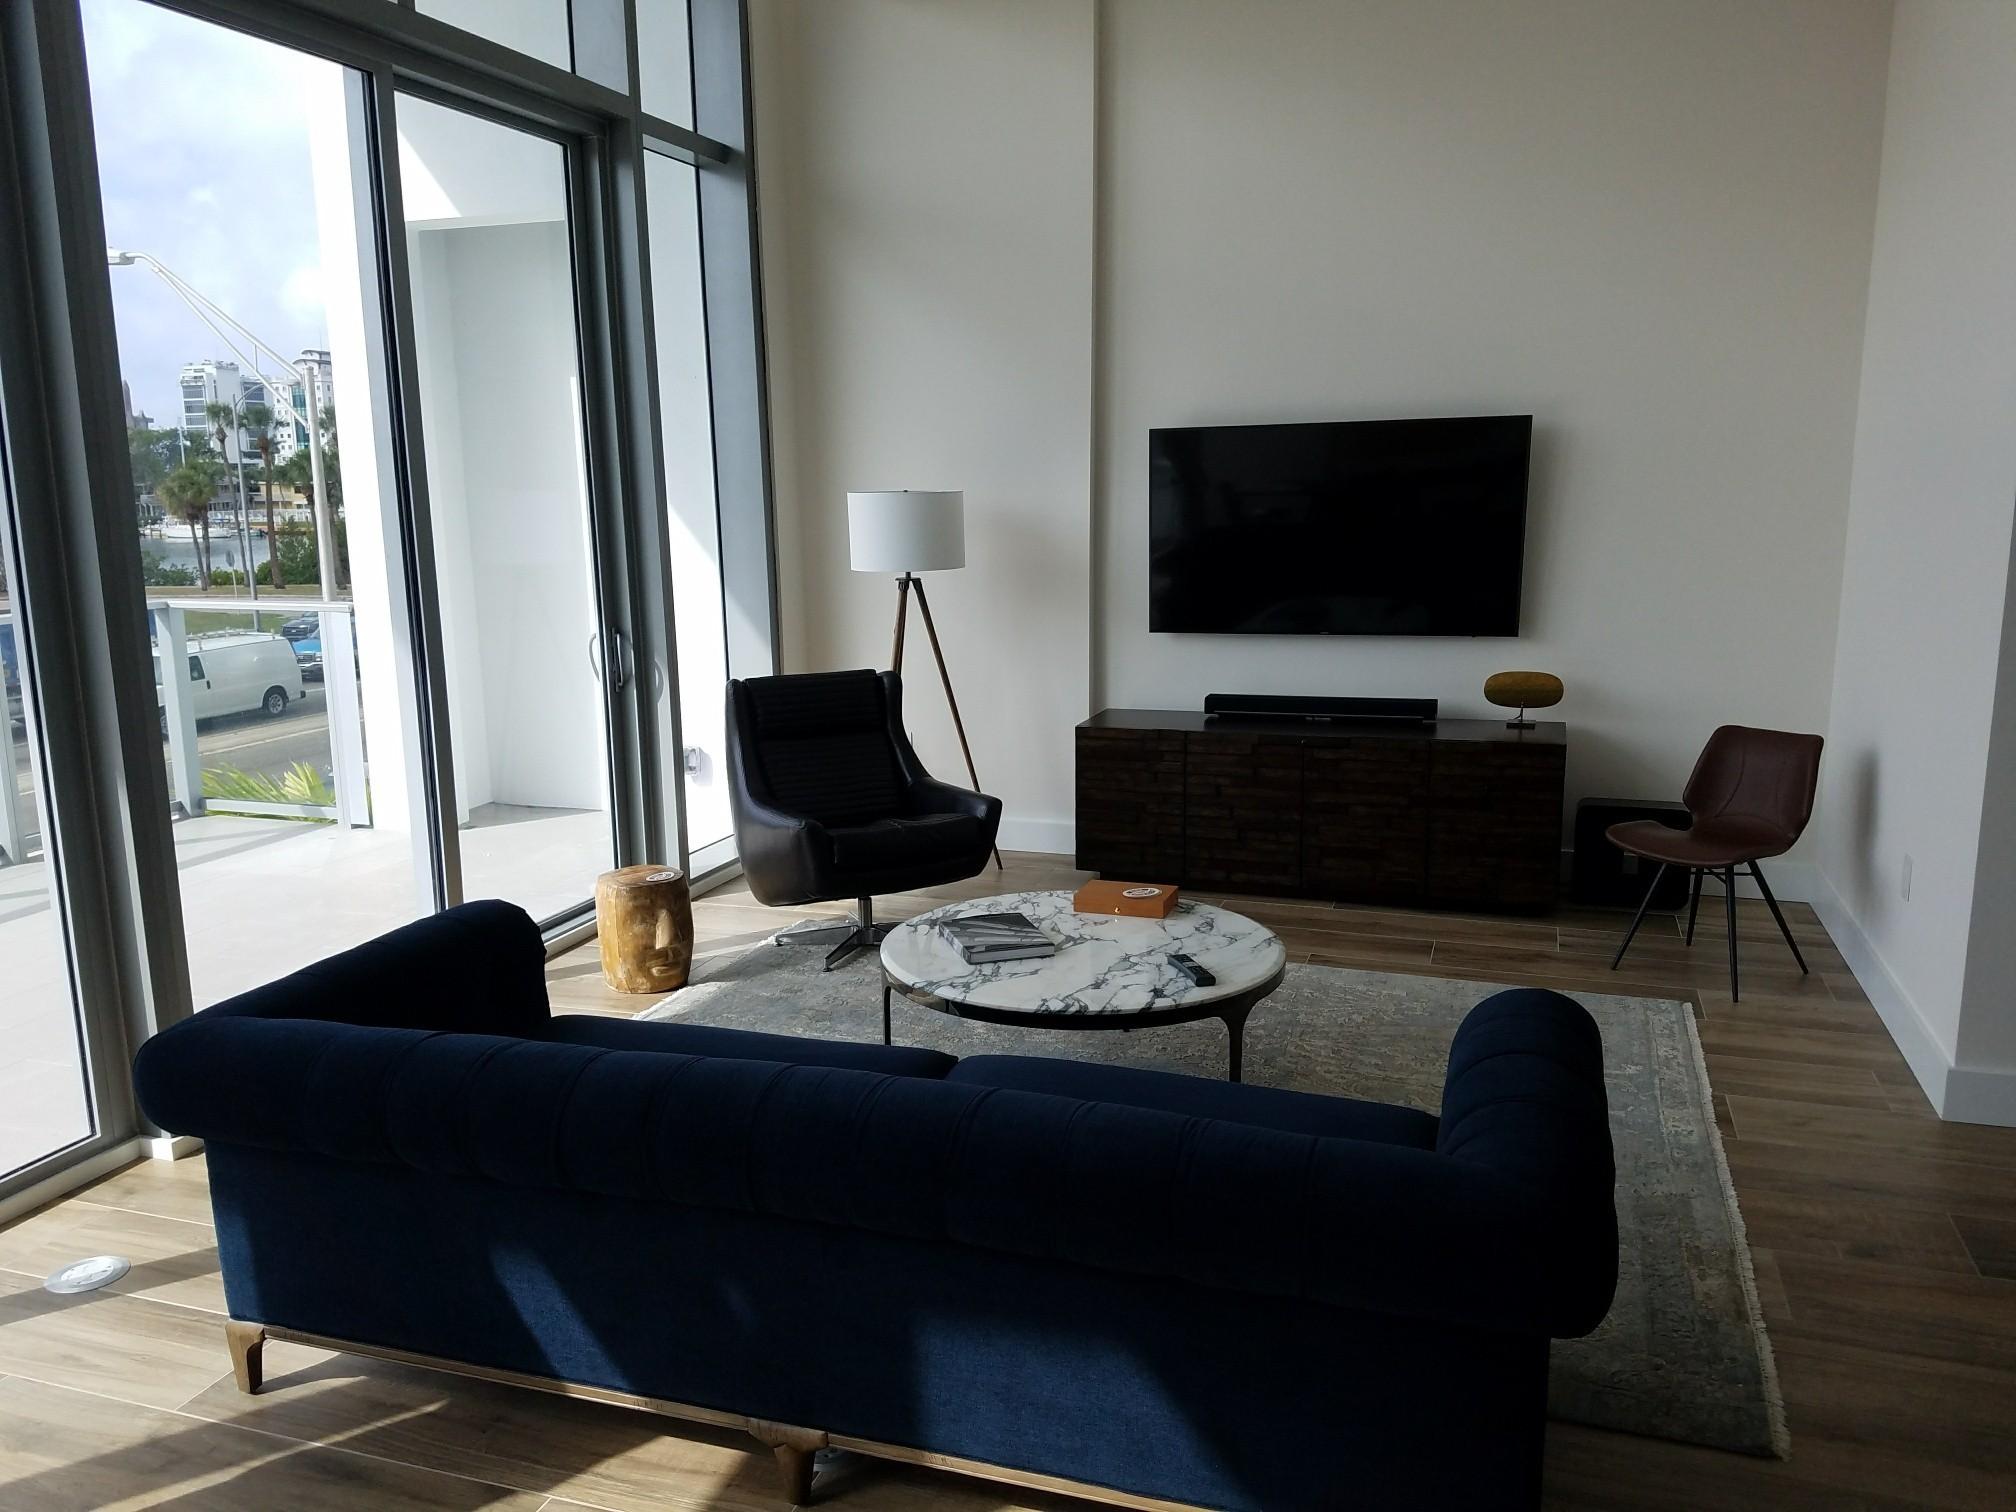 Bachelor pad designed at VUE Sarasota